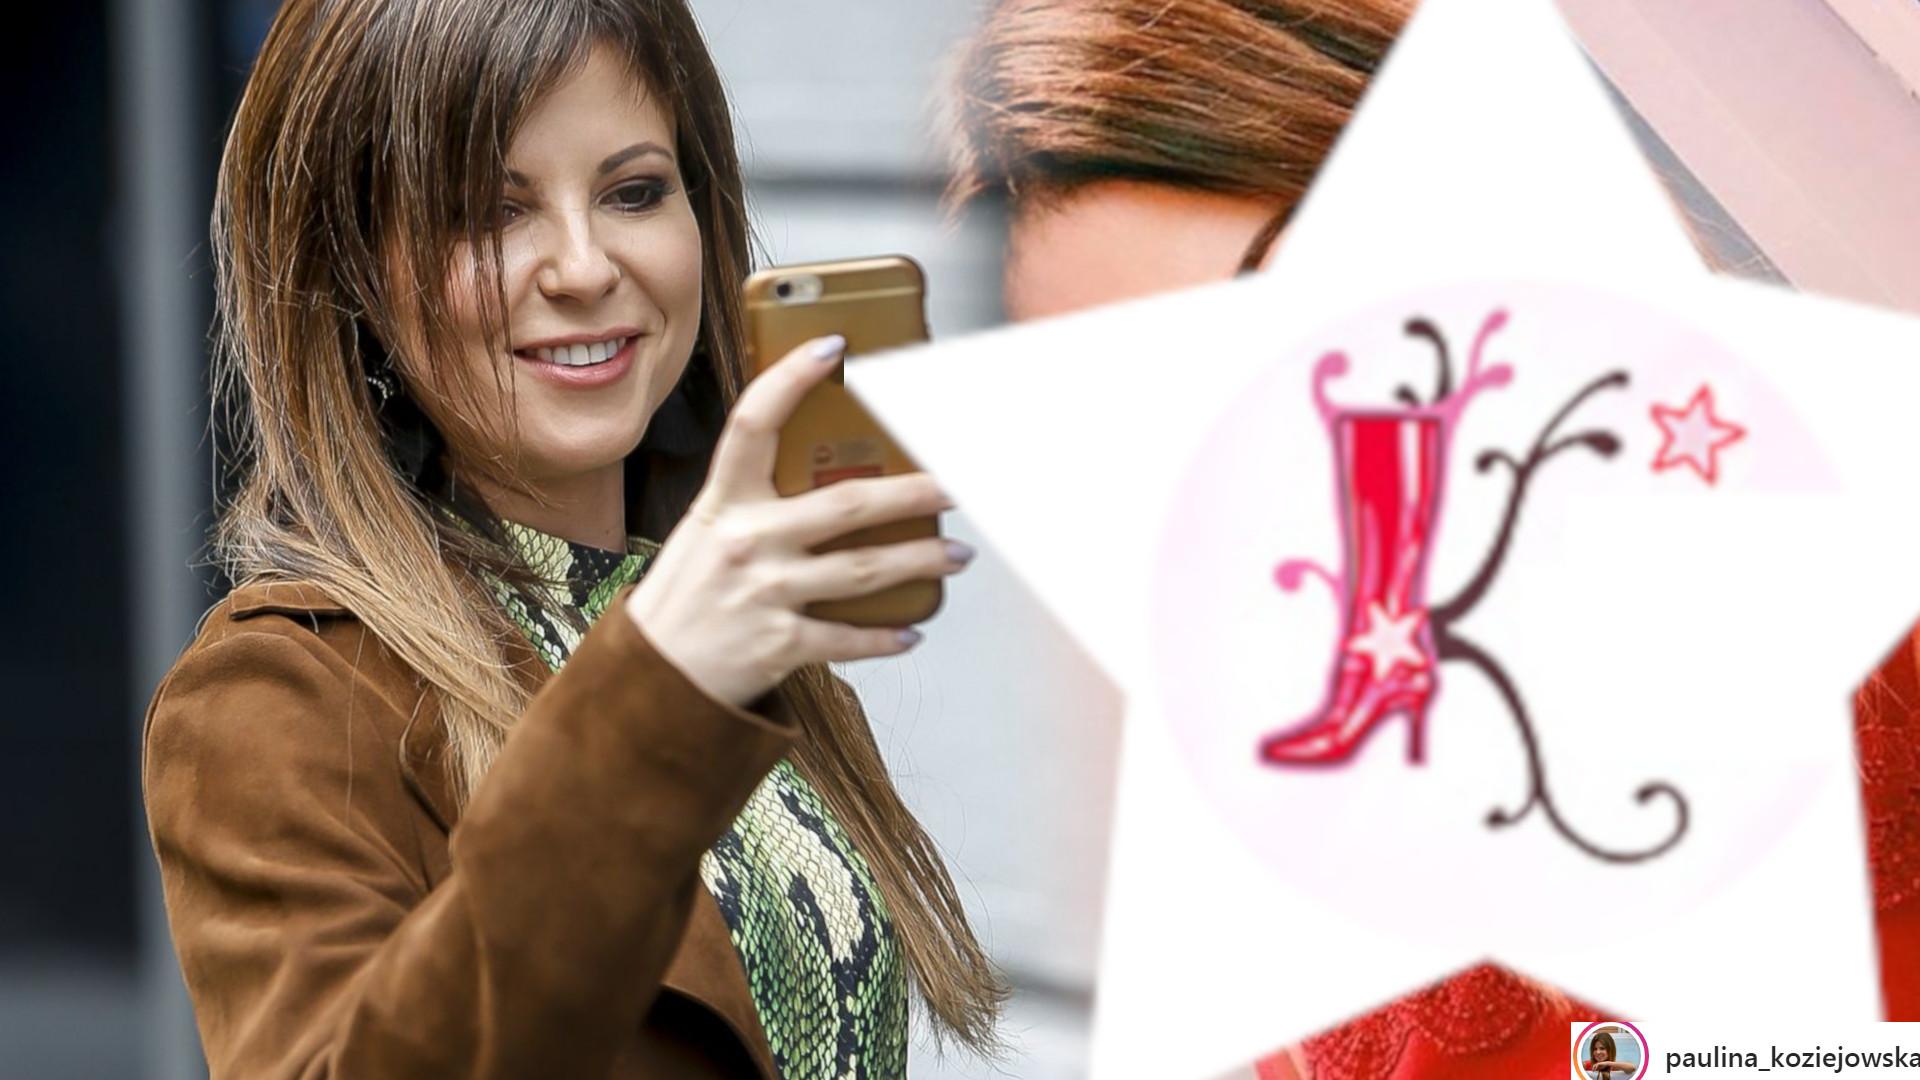 Paulina Koziejowska nie ma już DŁUGICH włosów – pochwaliła się nową fryzurą